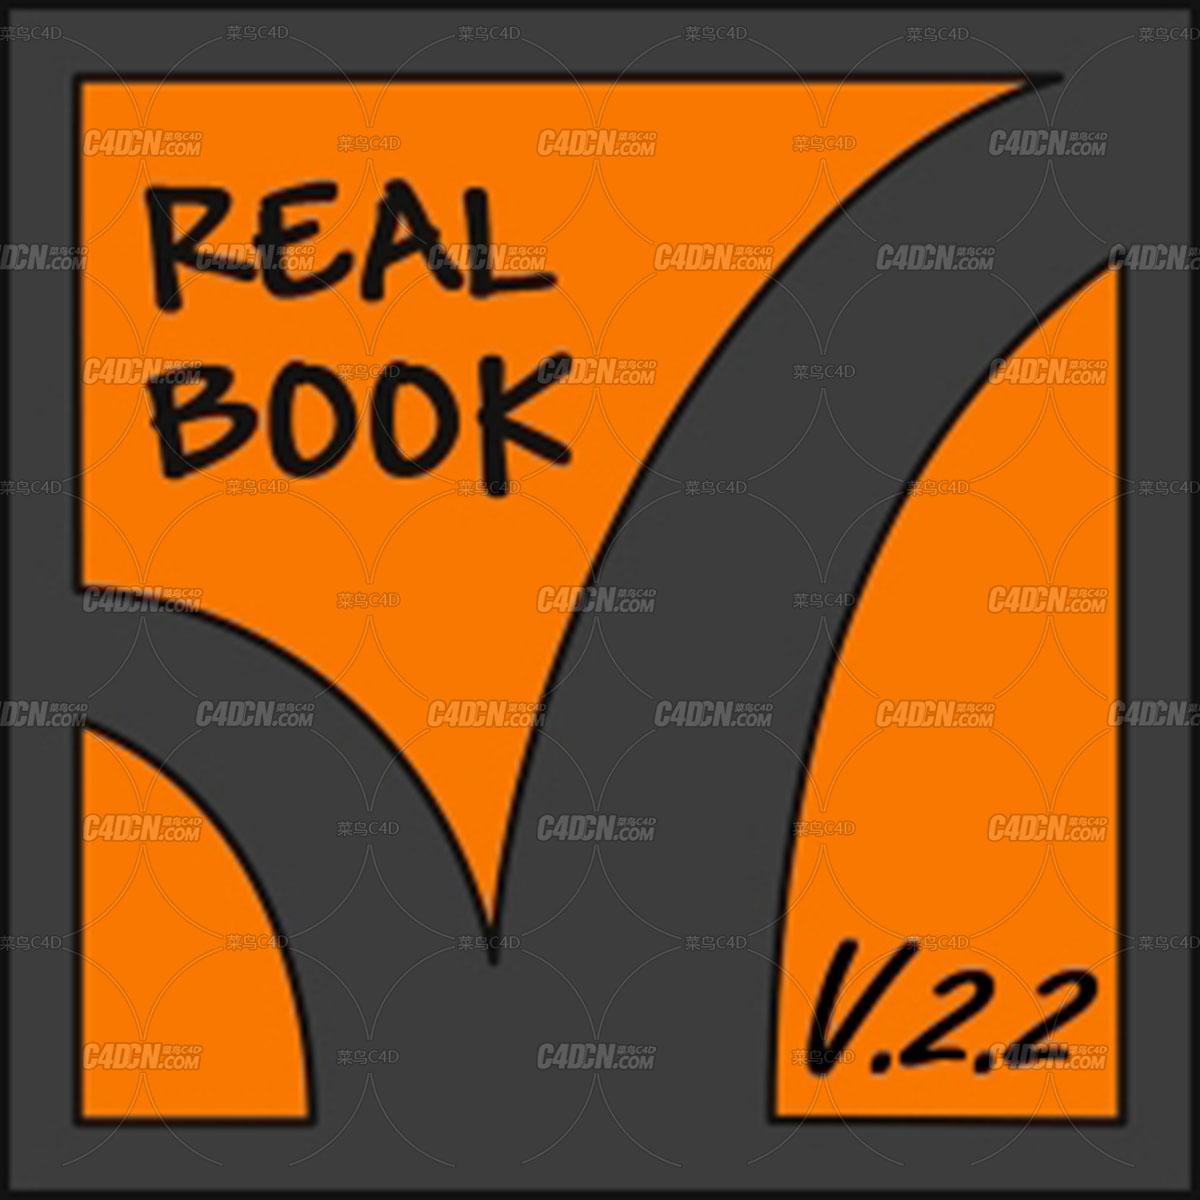 realbook-256.jpg